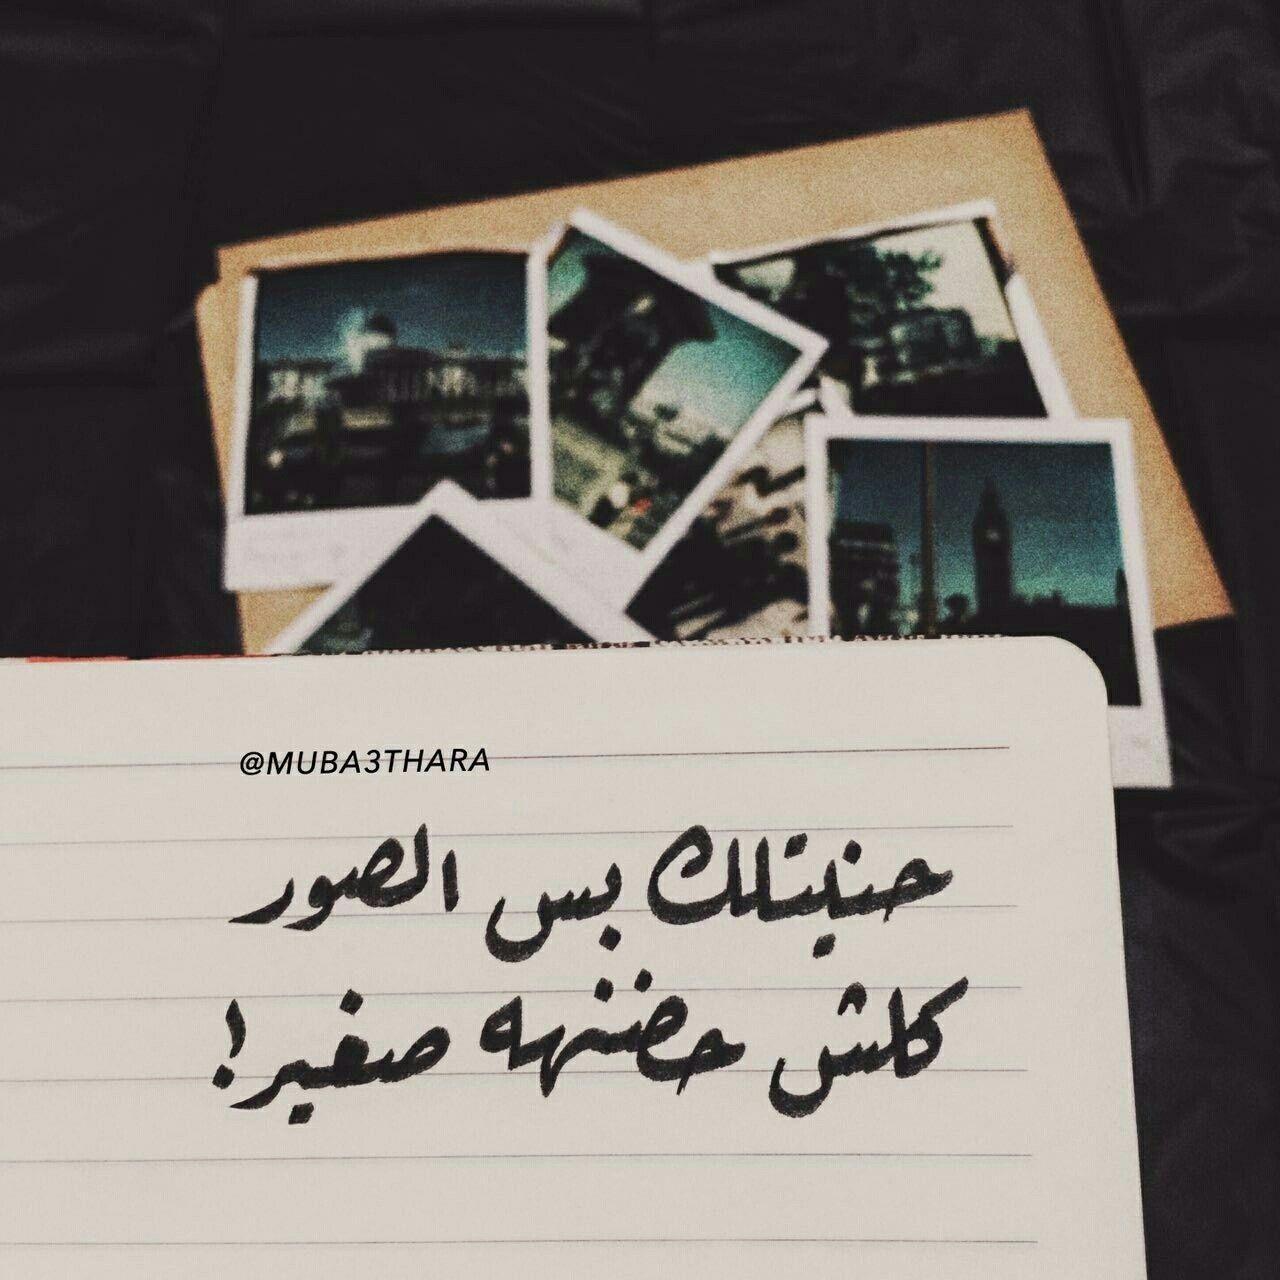 اجمل شعر عتاب عراقي حزين